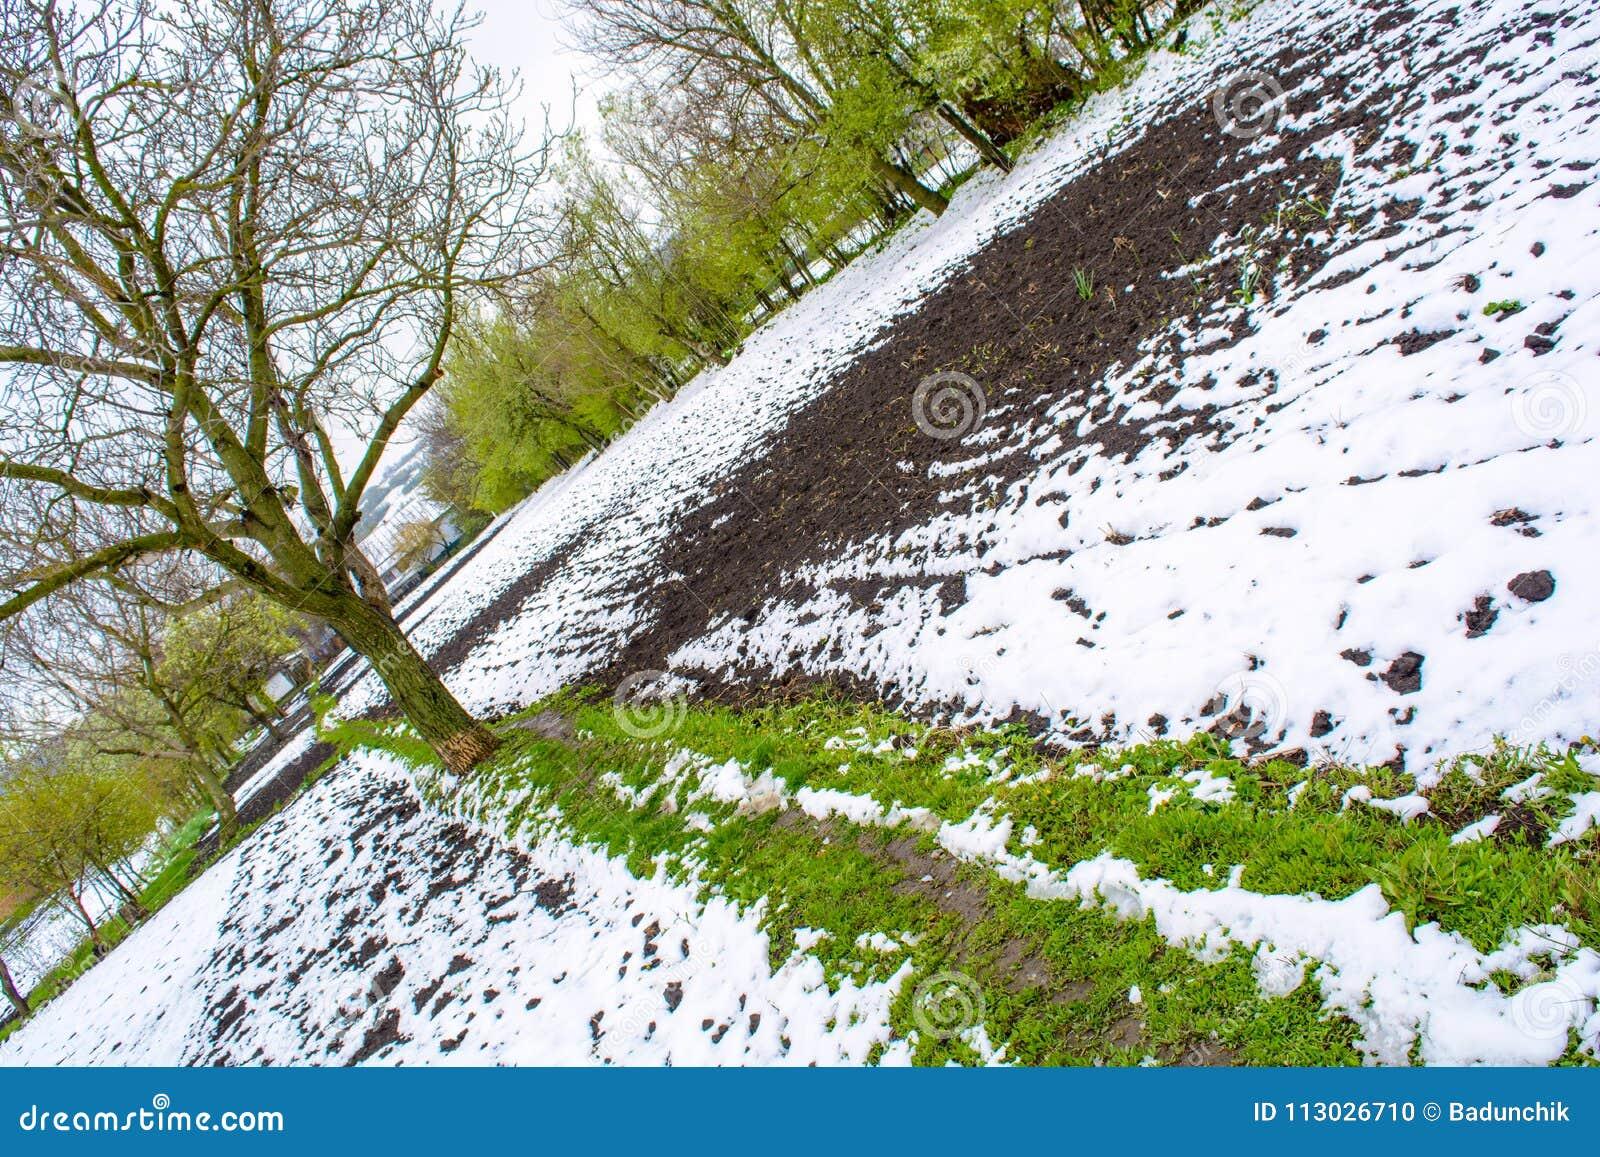 Foto de la nieve caida en la primavera durante el período floreciente